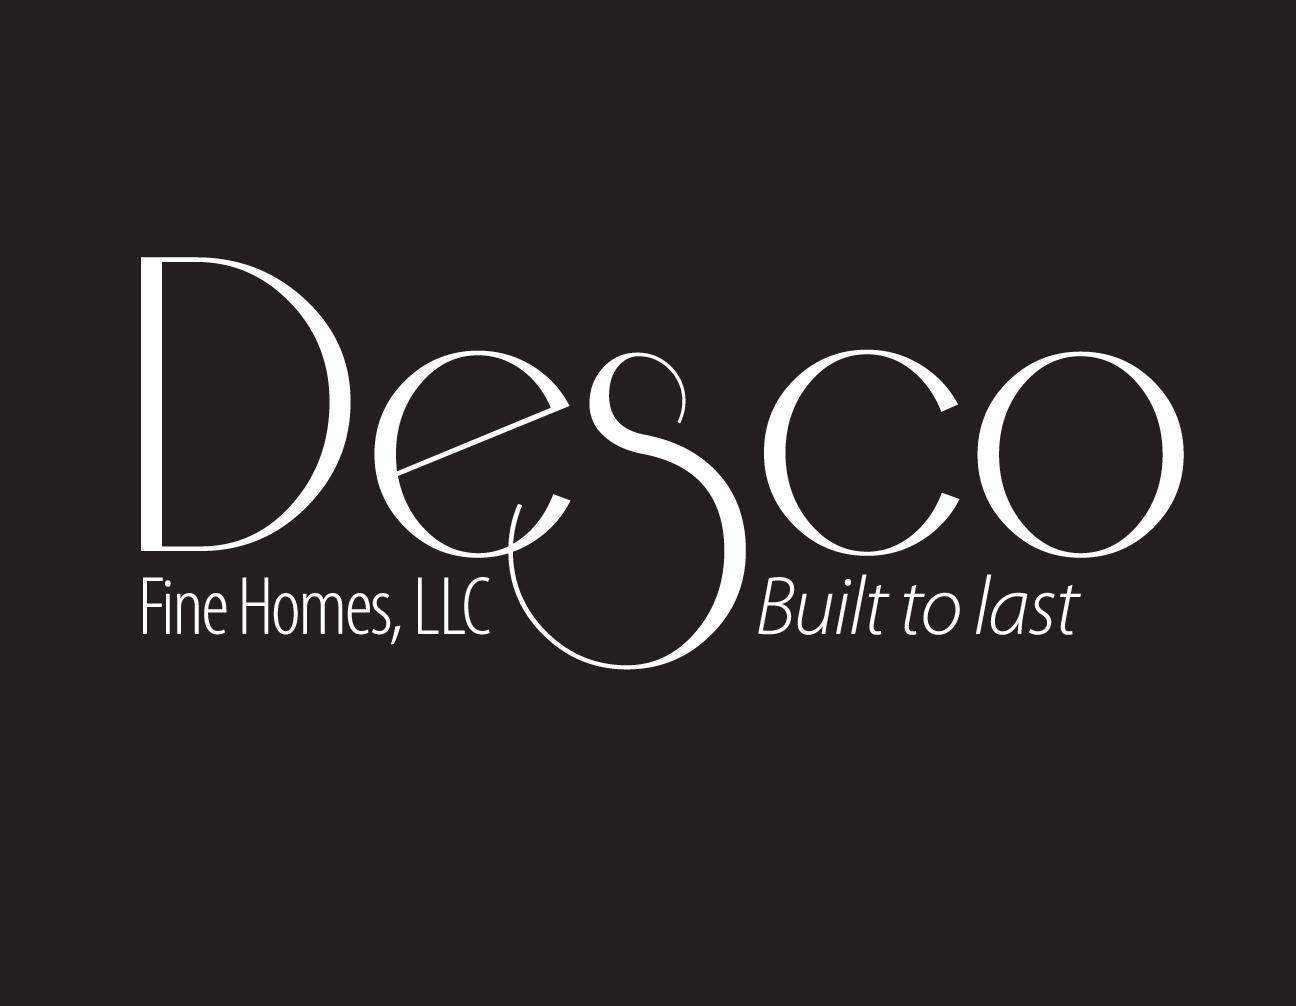 Desco Fine Homes - Dallas Area Custom Home Builder